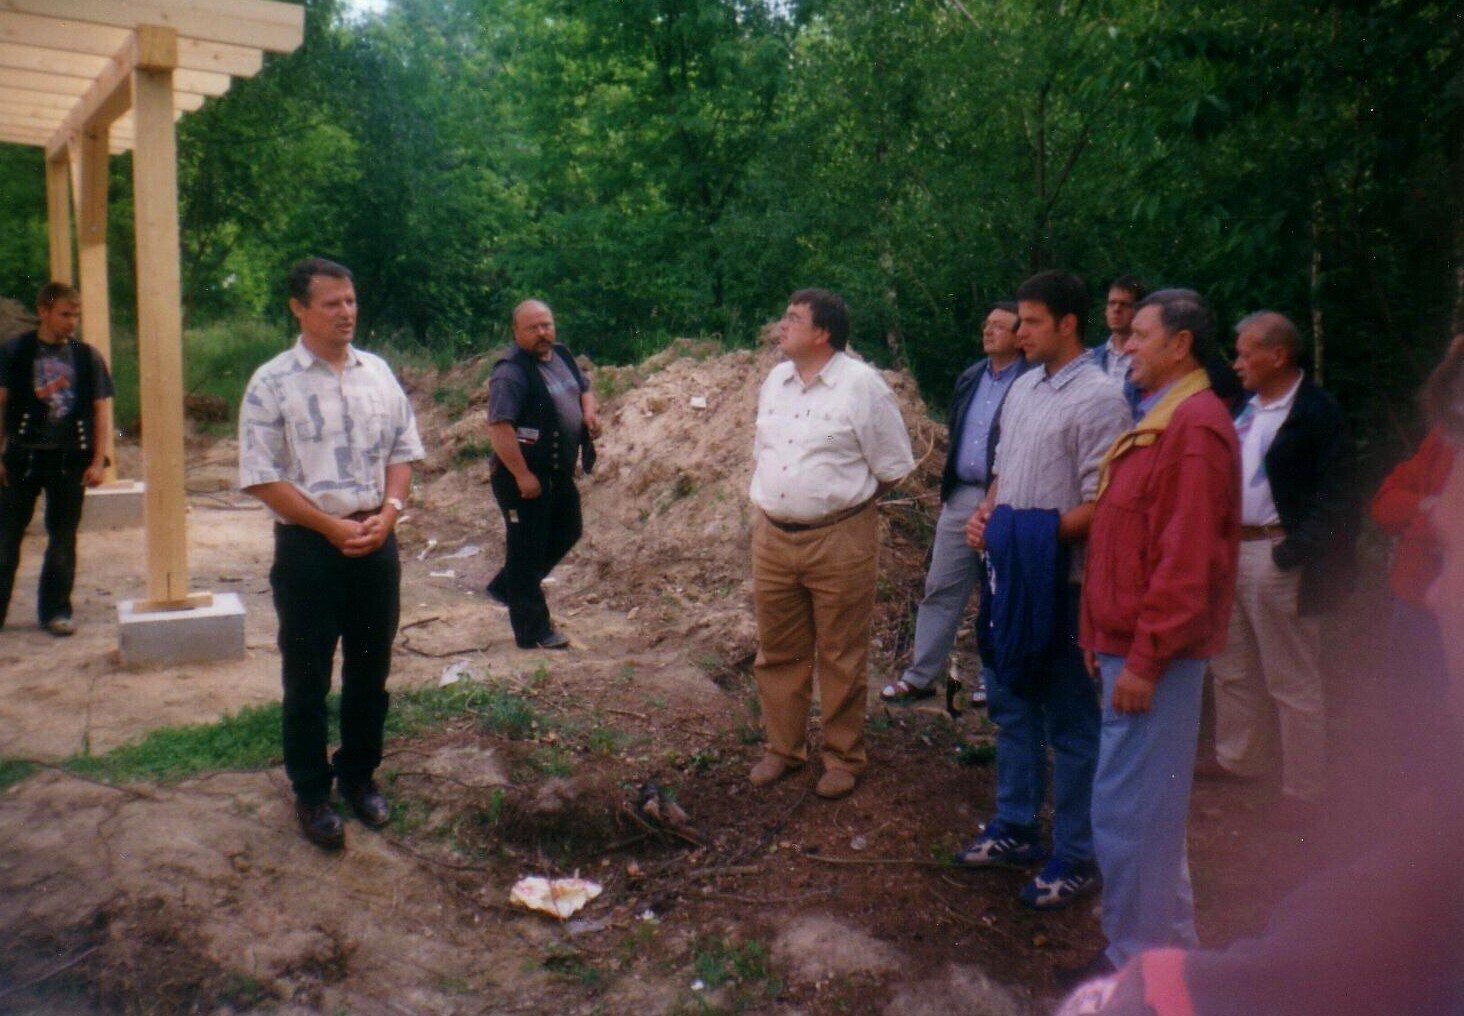 Eberhard Boxhammer, Vorsitzender 1986-2001 (links) und sein Stellvertreter Fritz Schulz 1997-2001 (vorn rechts), im Jahr 2000